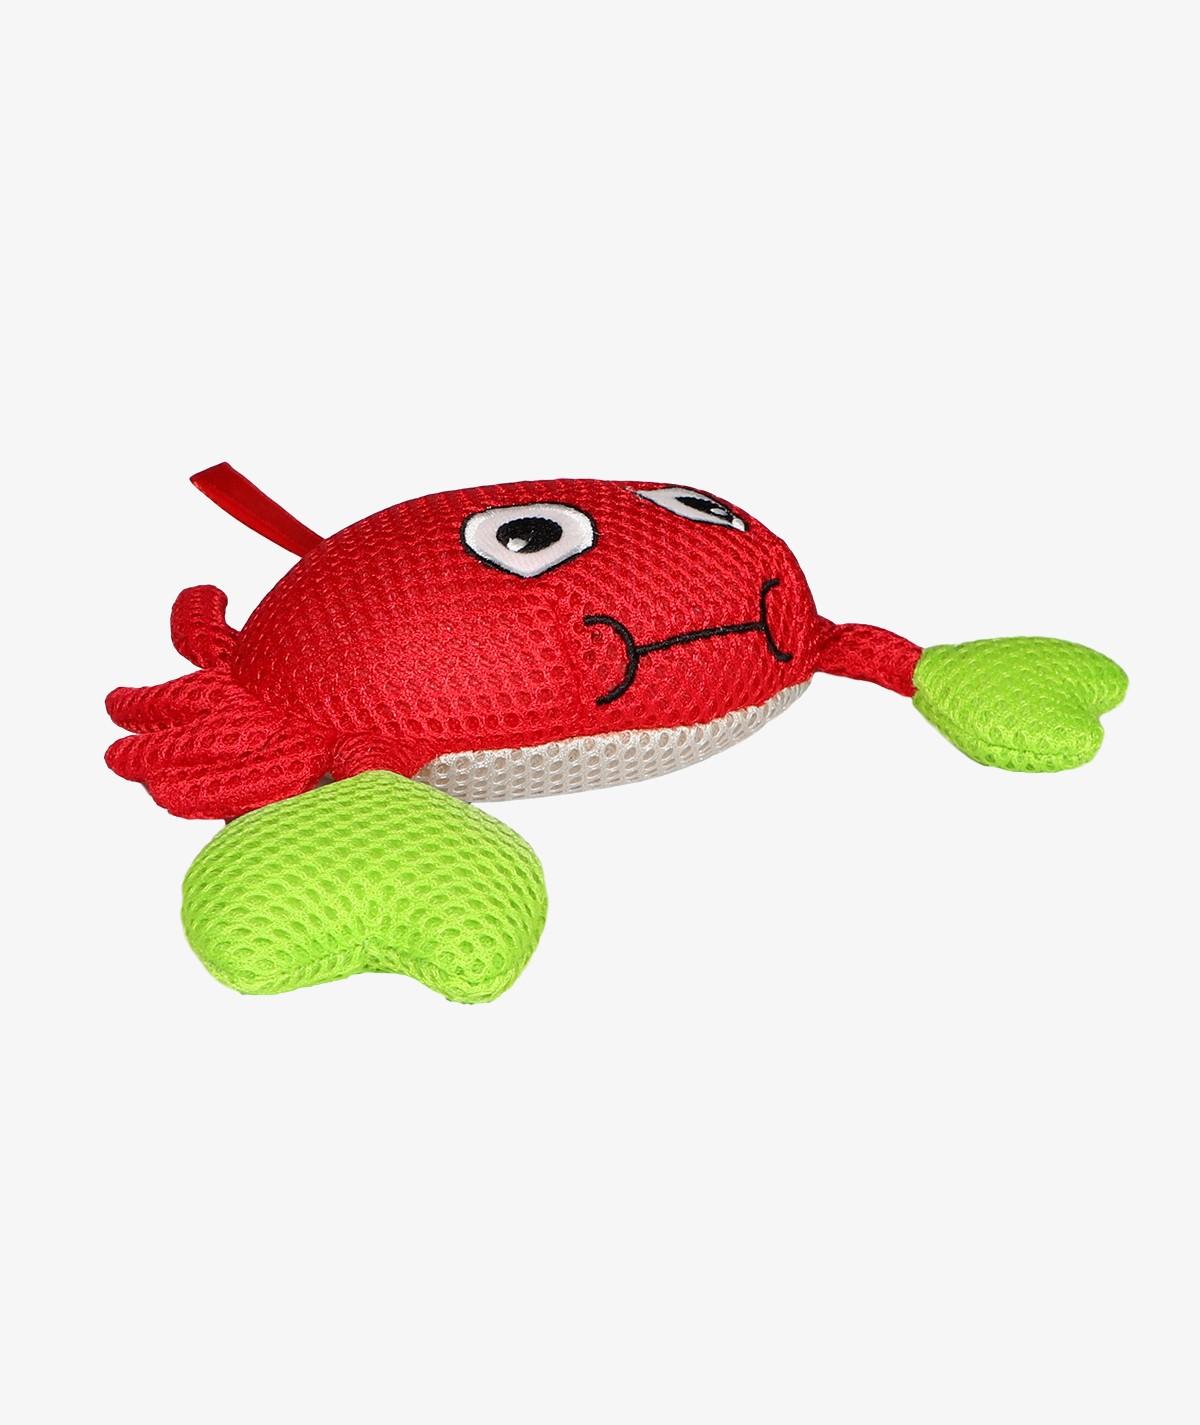 Crab Carl Bath Toy